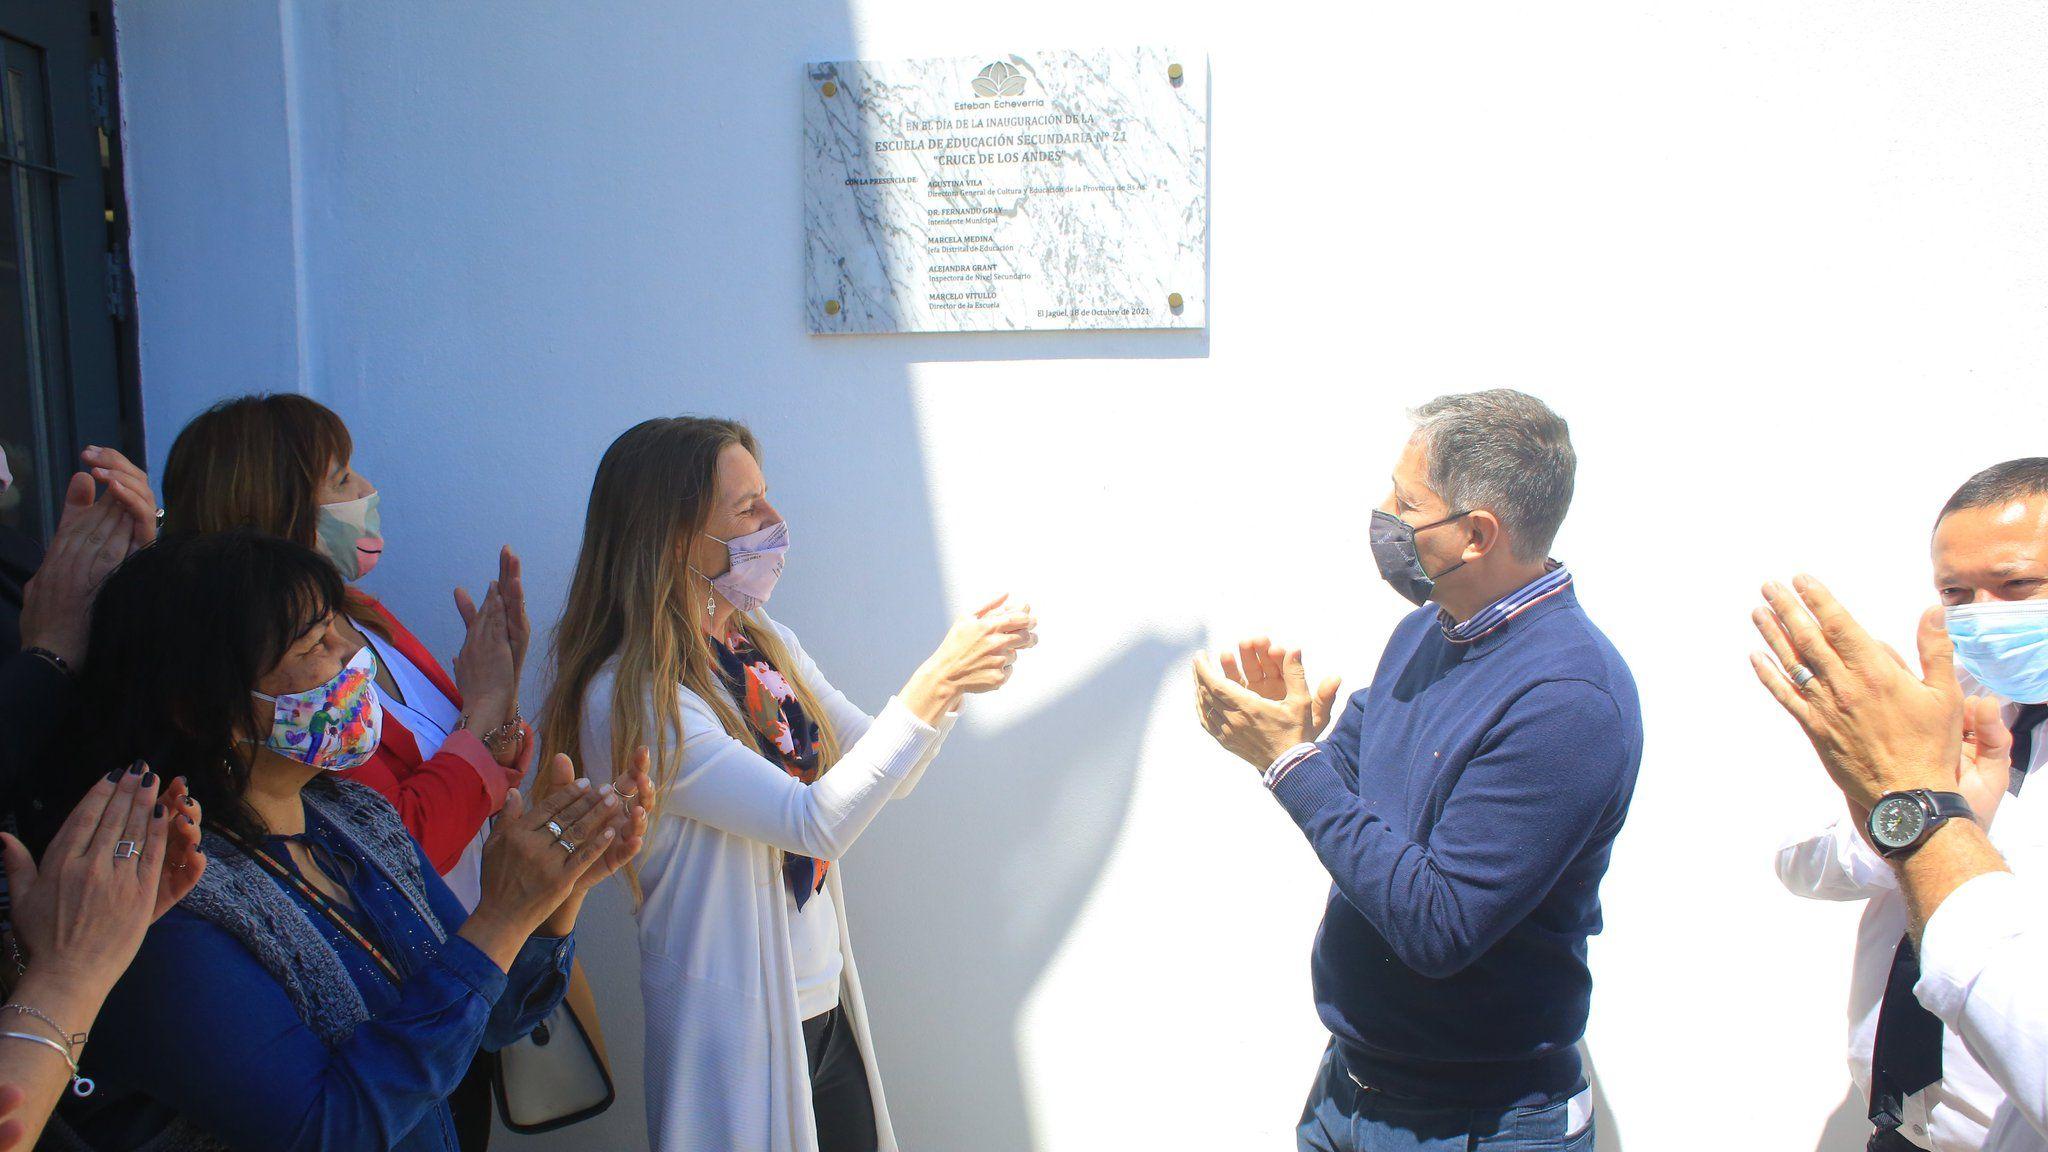 Agustina Vila, directora general de Cultura y Educación, junto al intendente de Esteban Echeverría, Fernando Gray